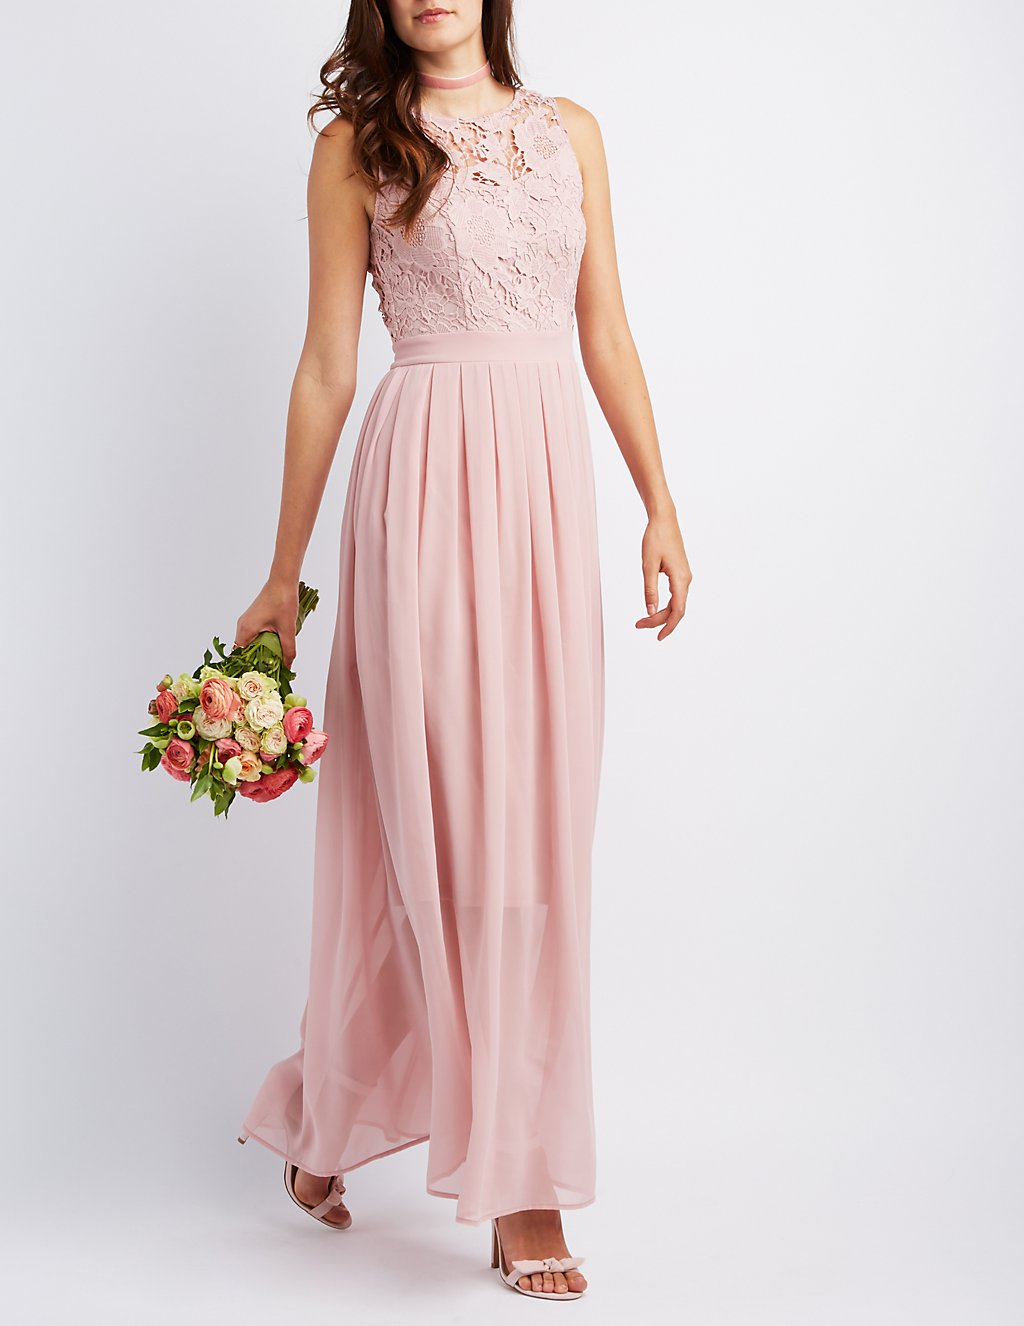 Lace & Chiffon Maxi Dress | Charlotte Russe